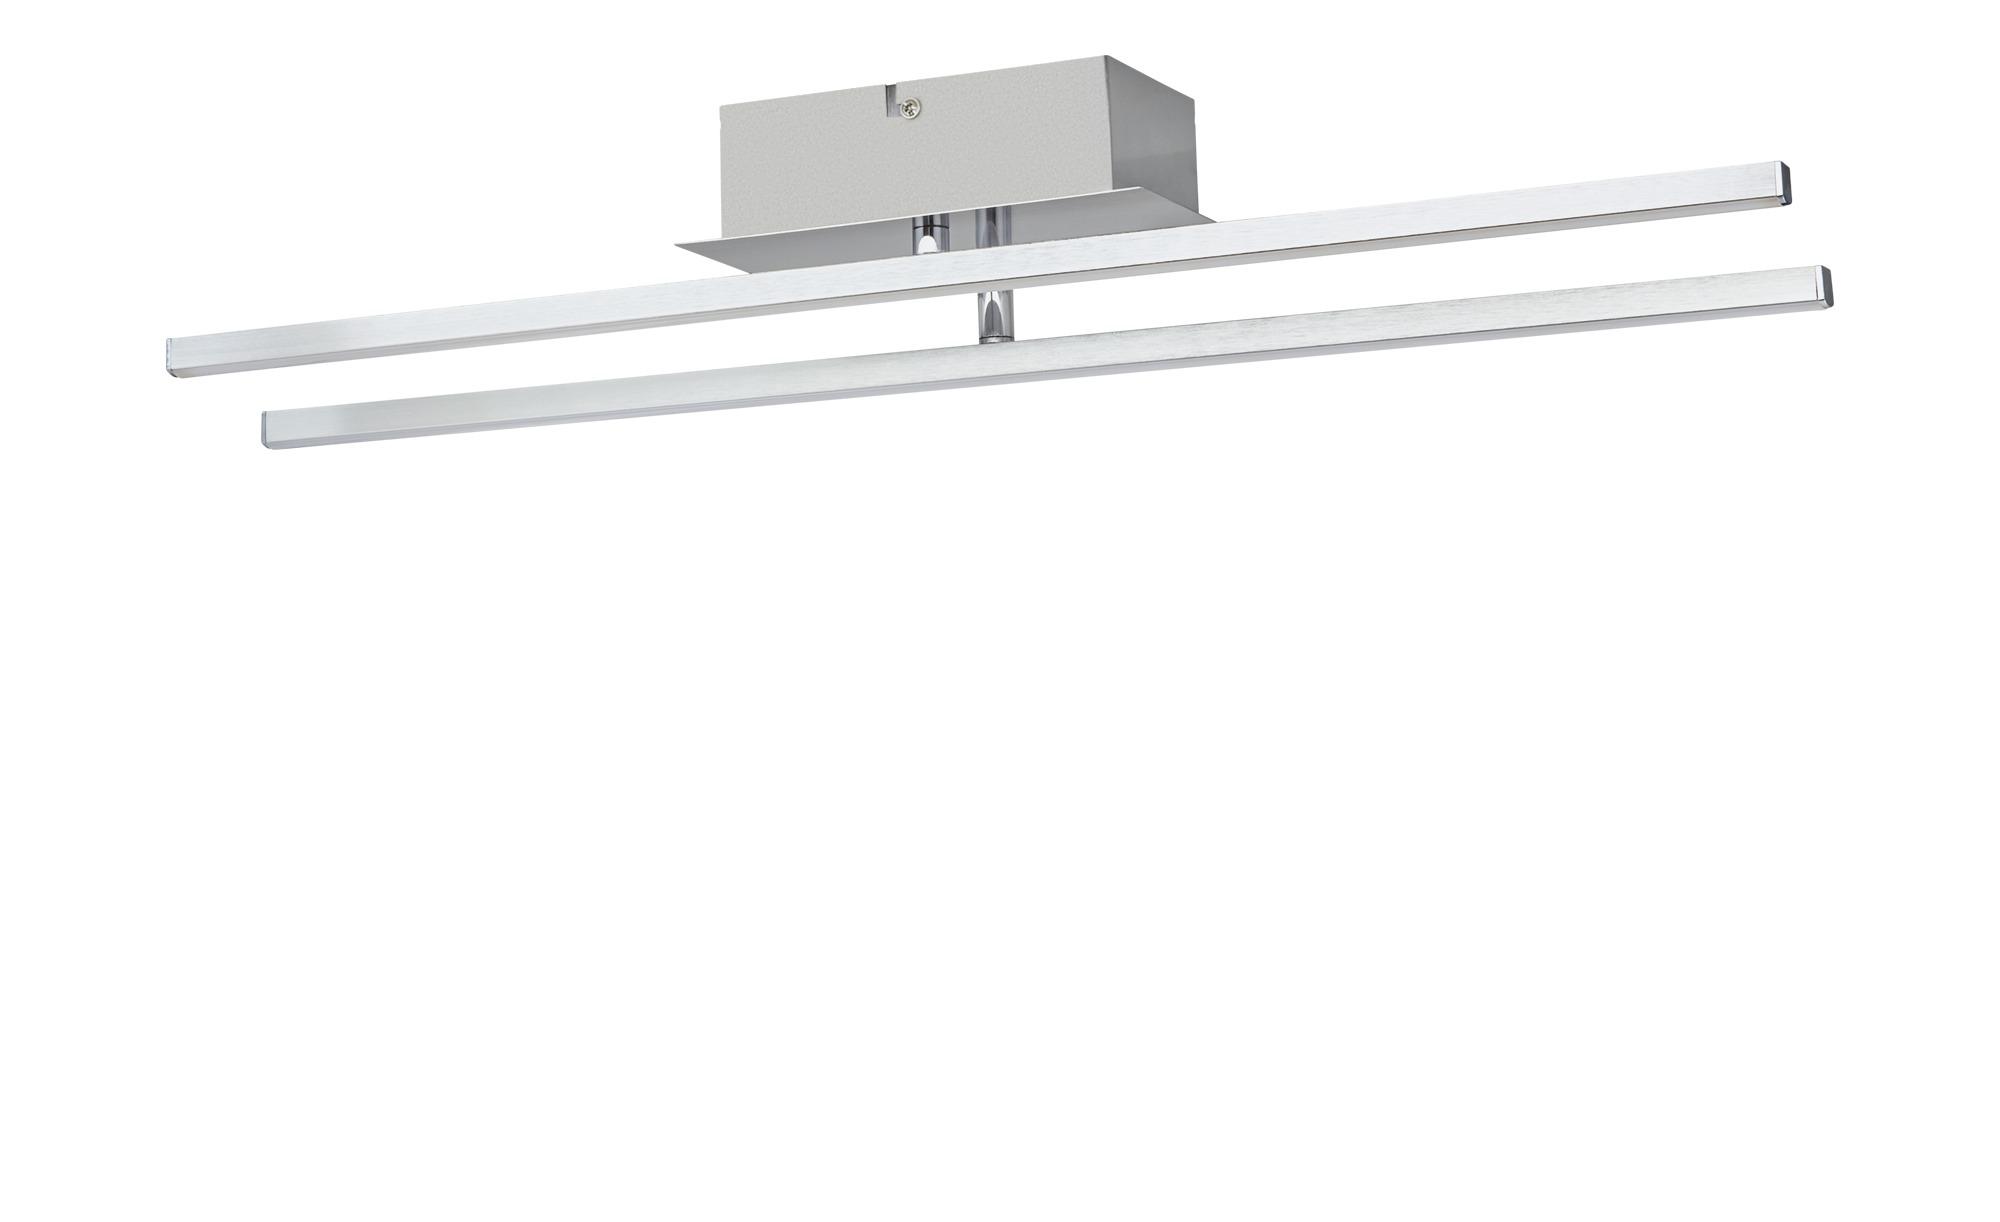 KHG LED-Deckenleuchte, 2-flammig nickel matt ¦ silber ¦ Maße (cm): B: 10 H: 8 Lampen & Leuchten > Innenleuchten > Deckenleuchten - Höffner